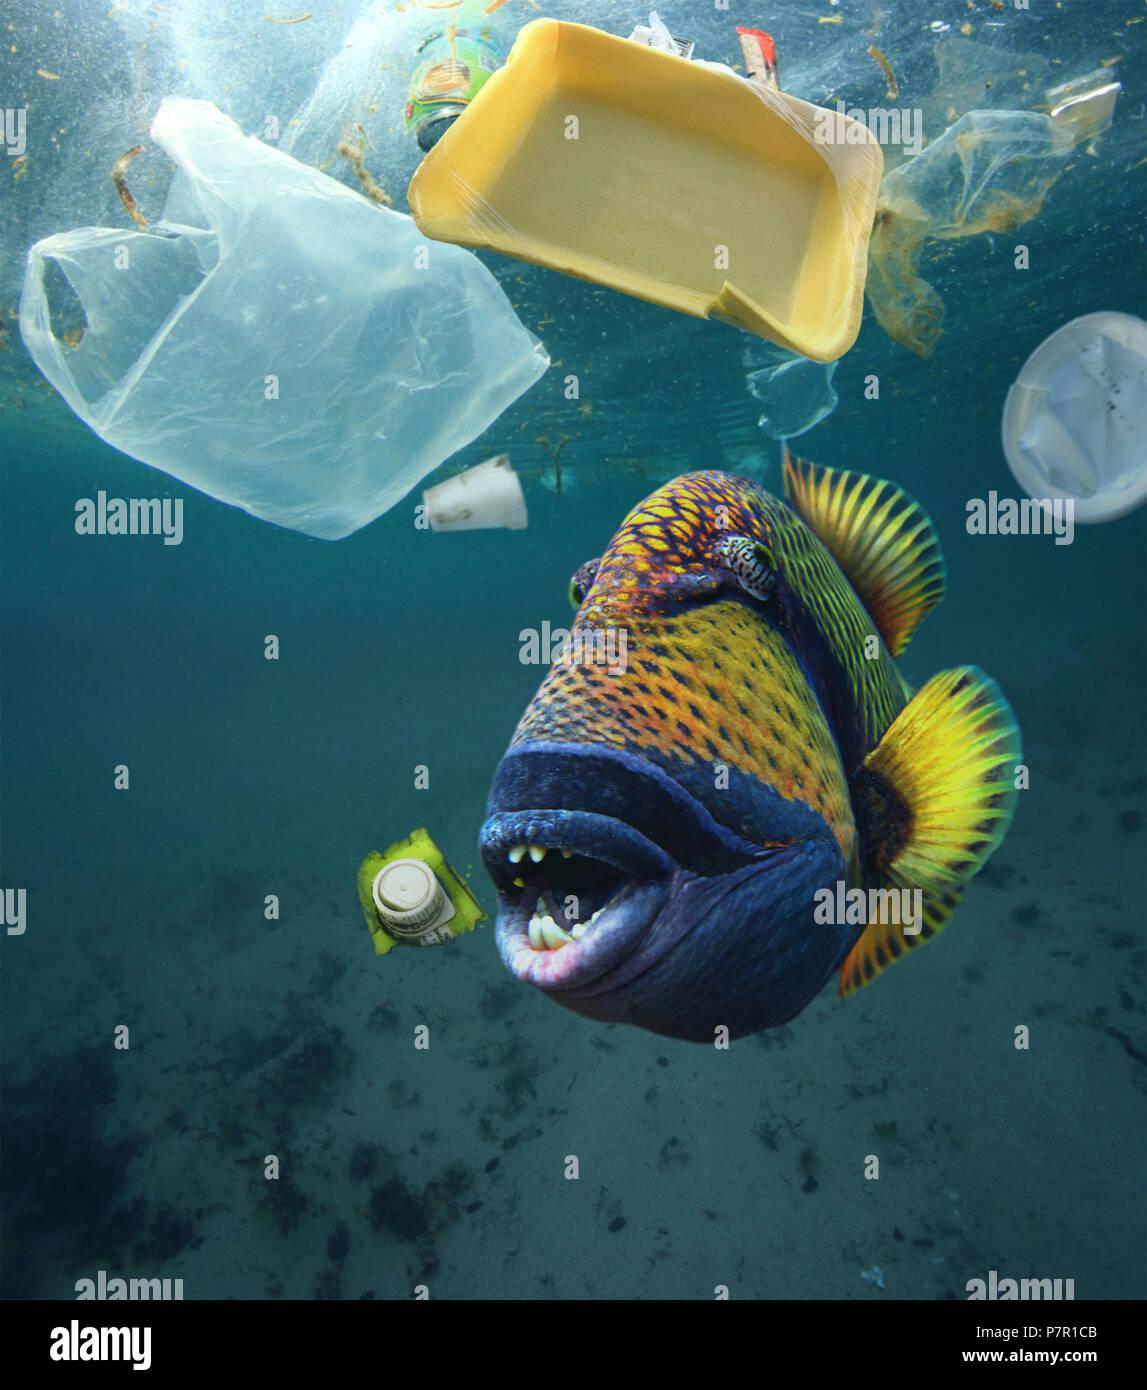 Titan ballesta, Balistoides viridescens, comer basura de plástico. Imagen De Stock